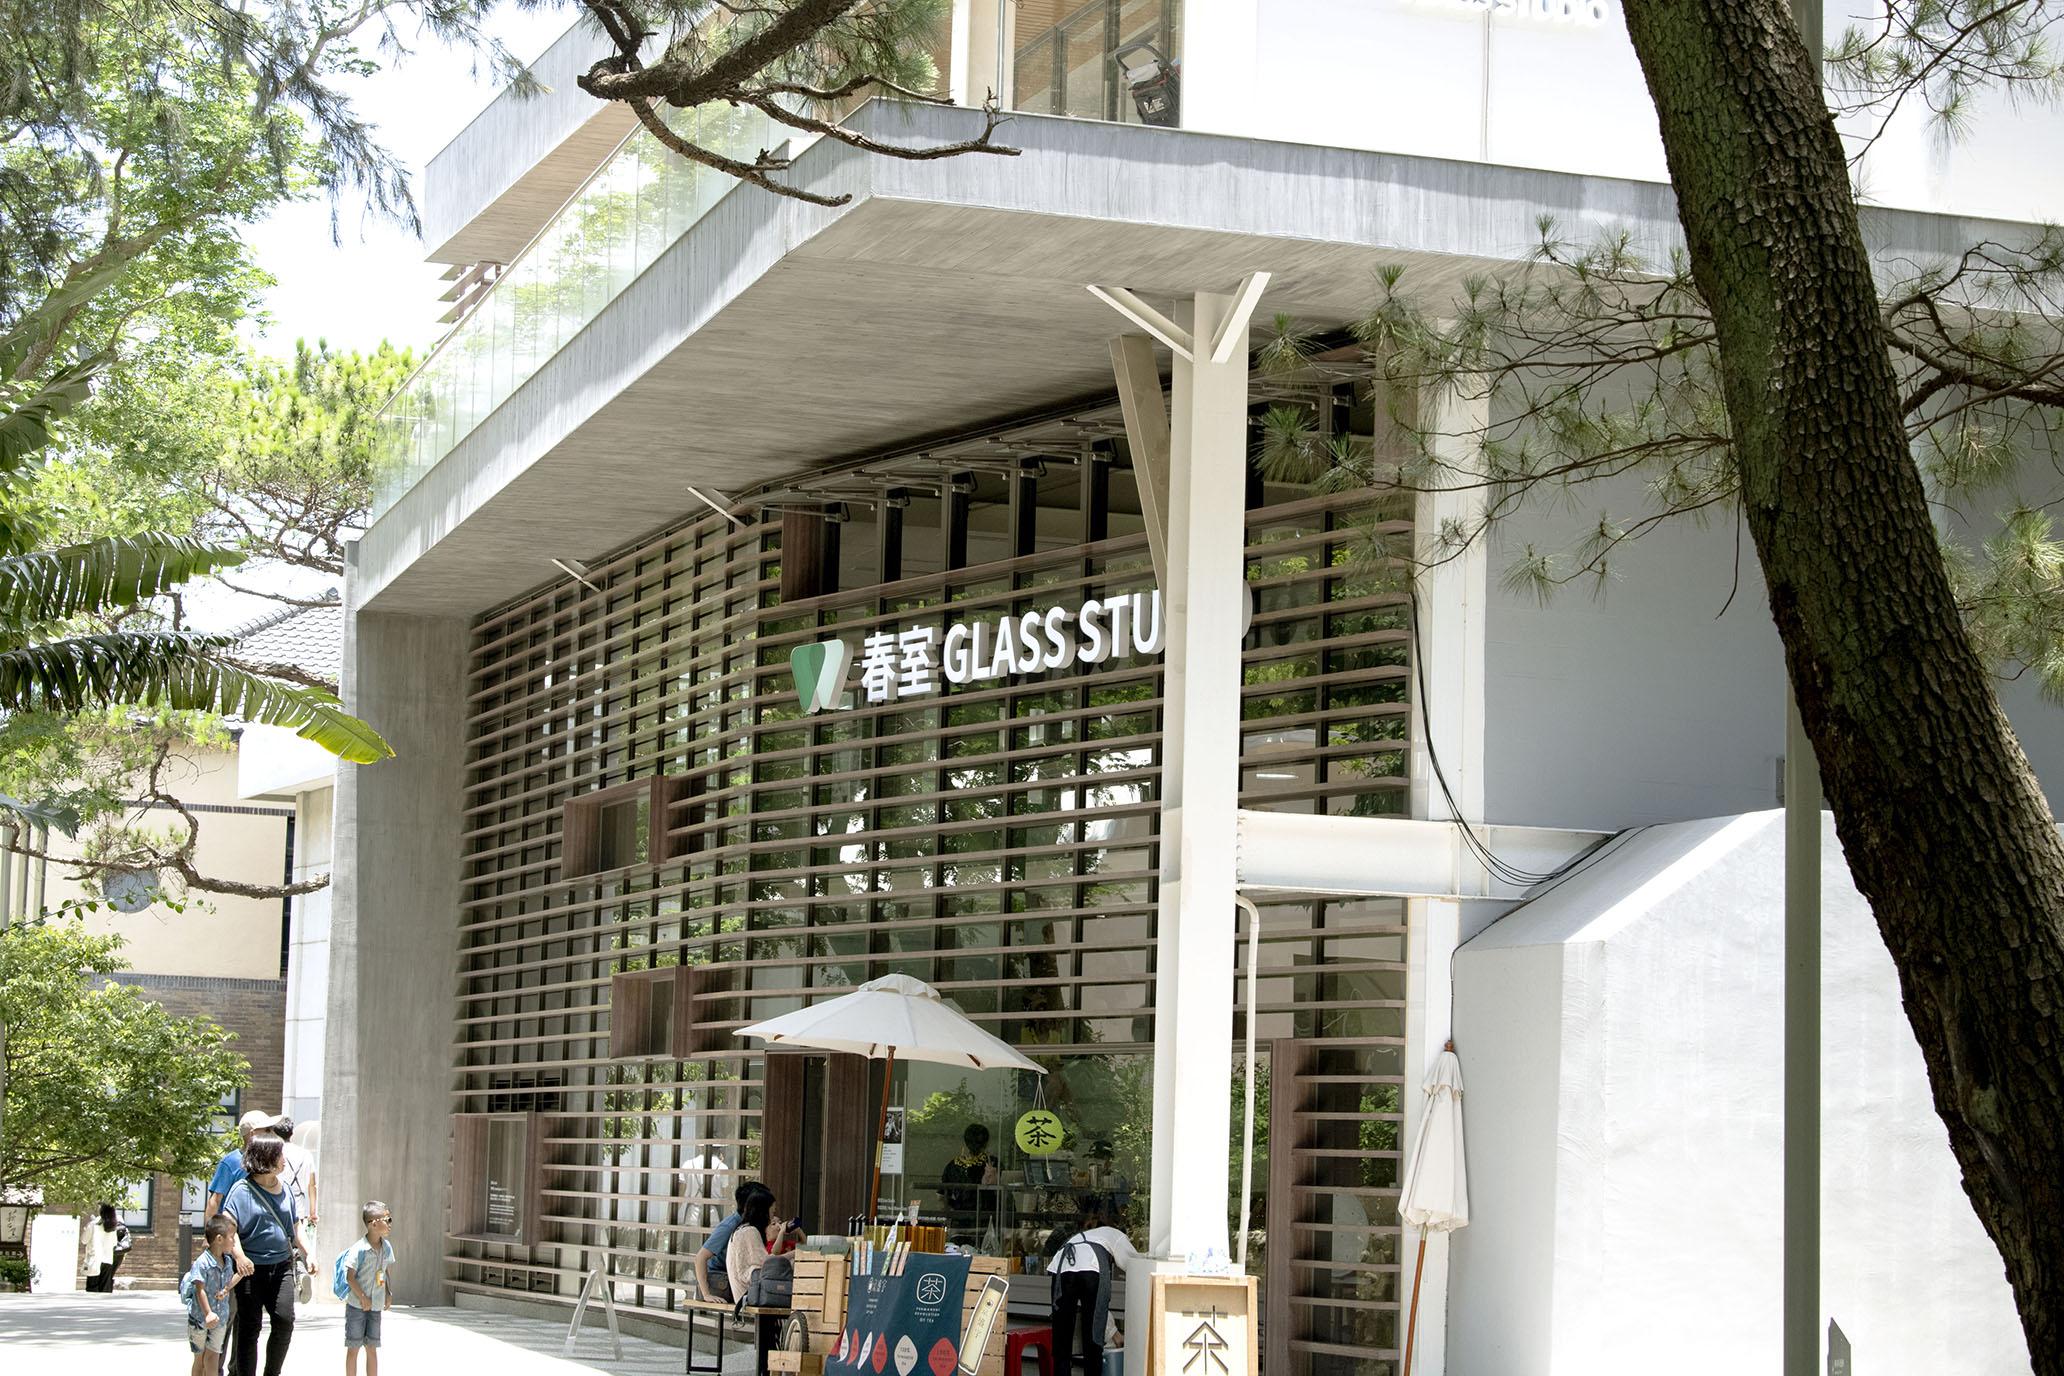 新竹春室,夏至裡感受玻璃的各形思緒與聲息。